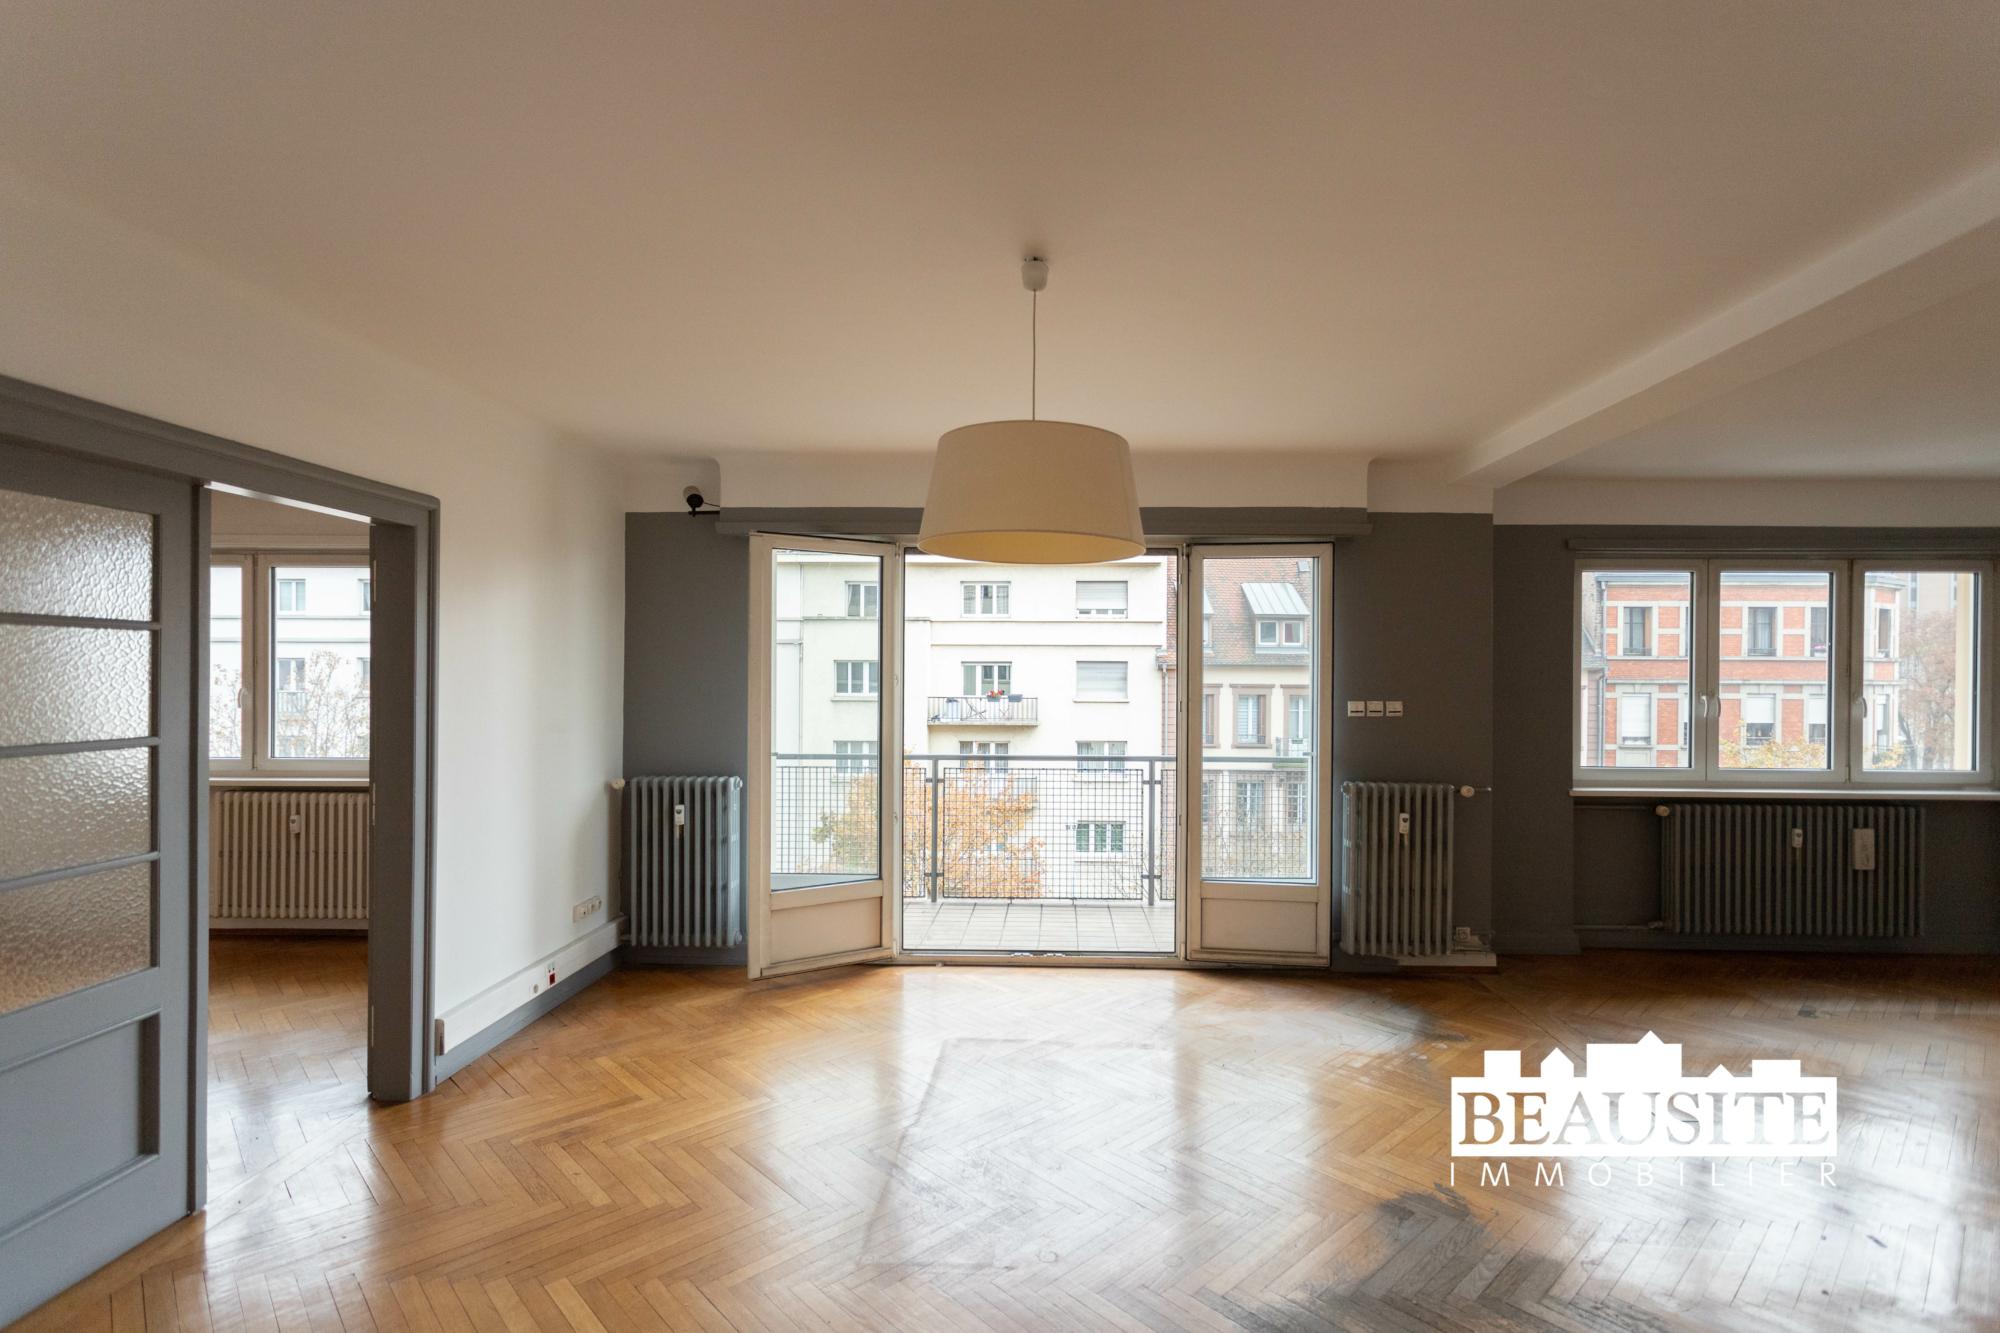 [Prosper] Le local professionnel qu'il vous faut… pour que votre activité prospère ! - Strasbourg / boulevard Wilson - nos ventes - Beausite Immobilier 4